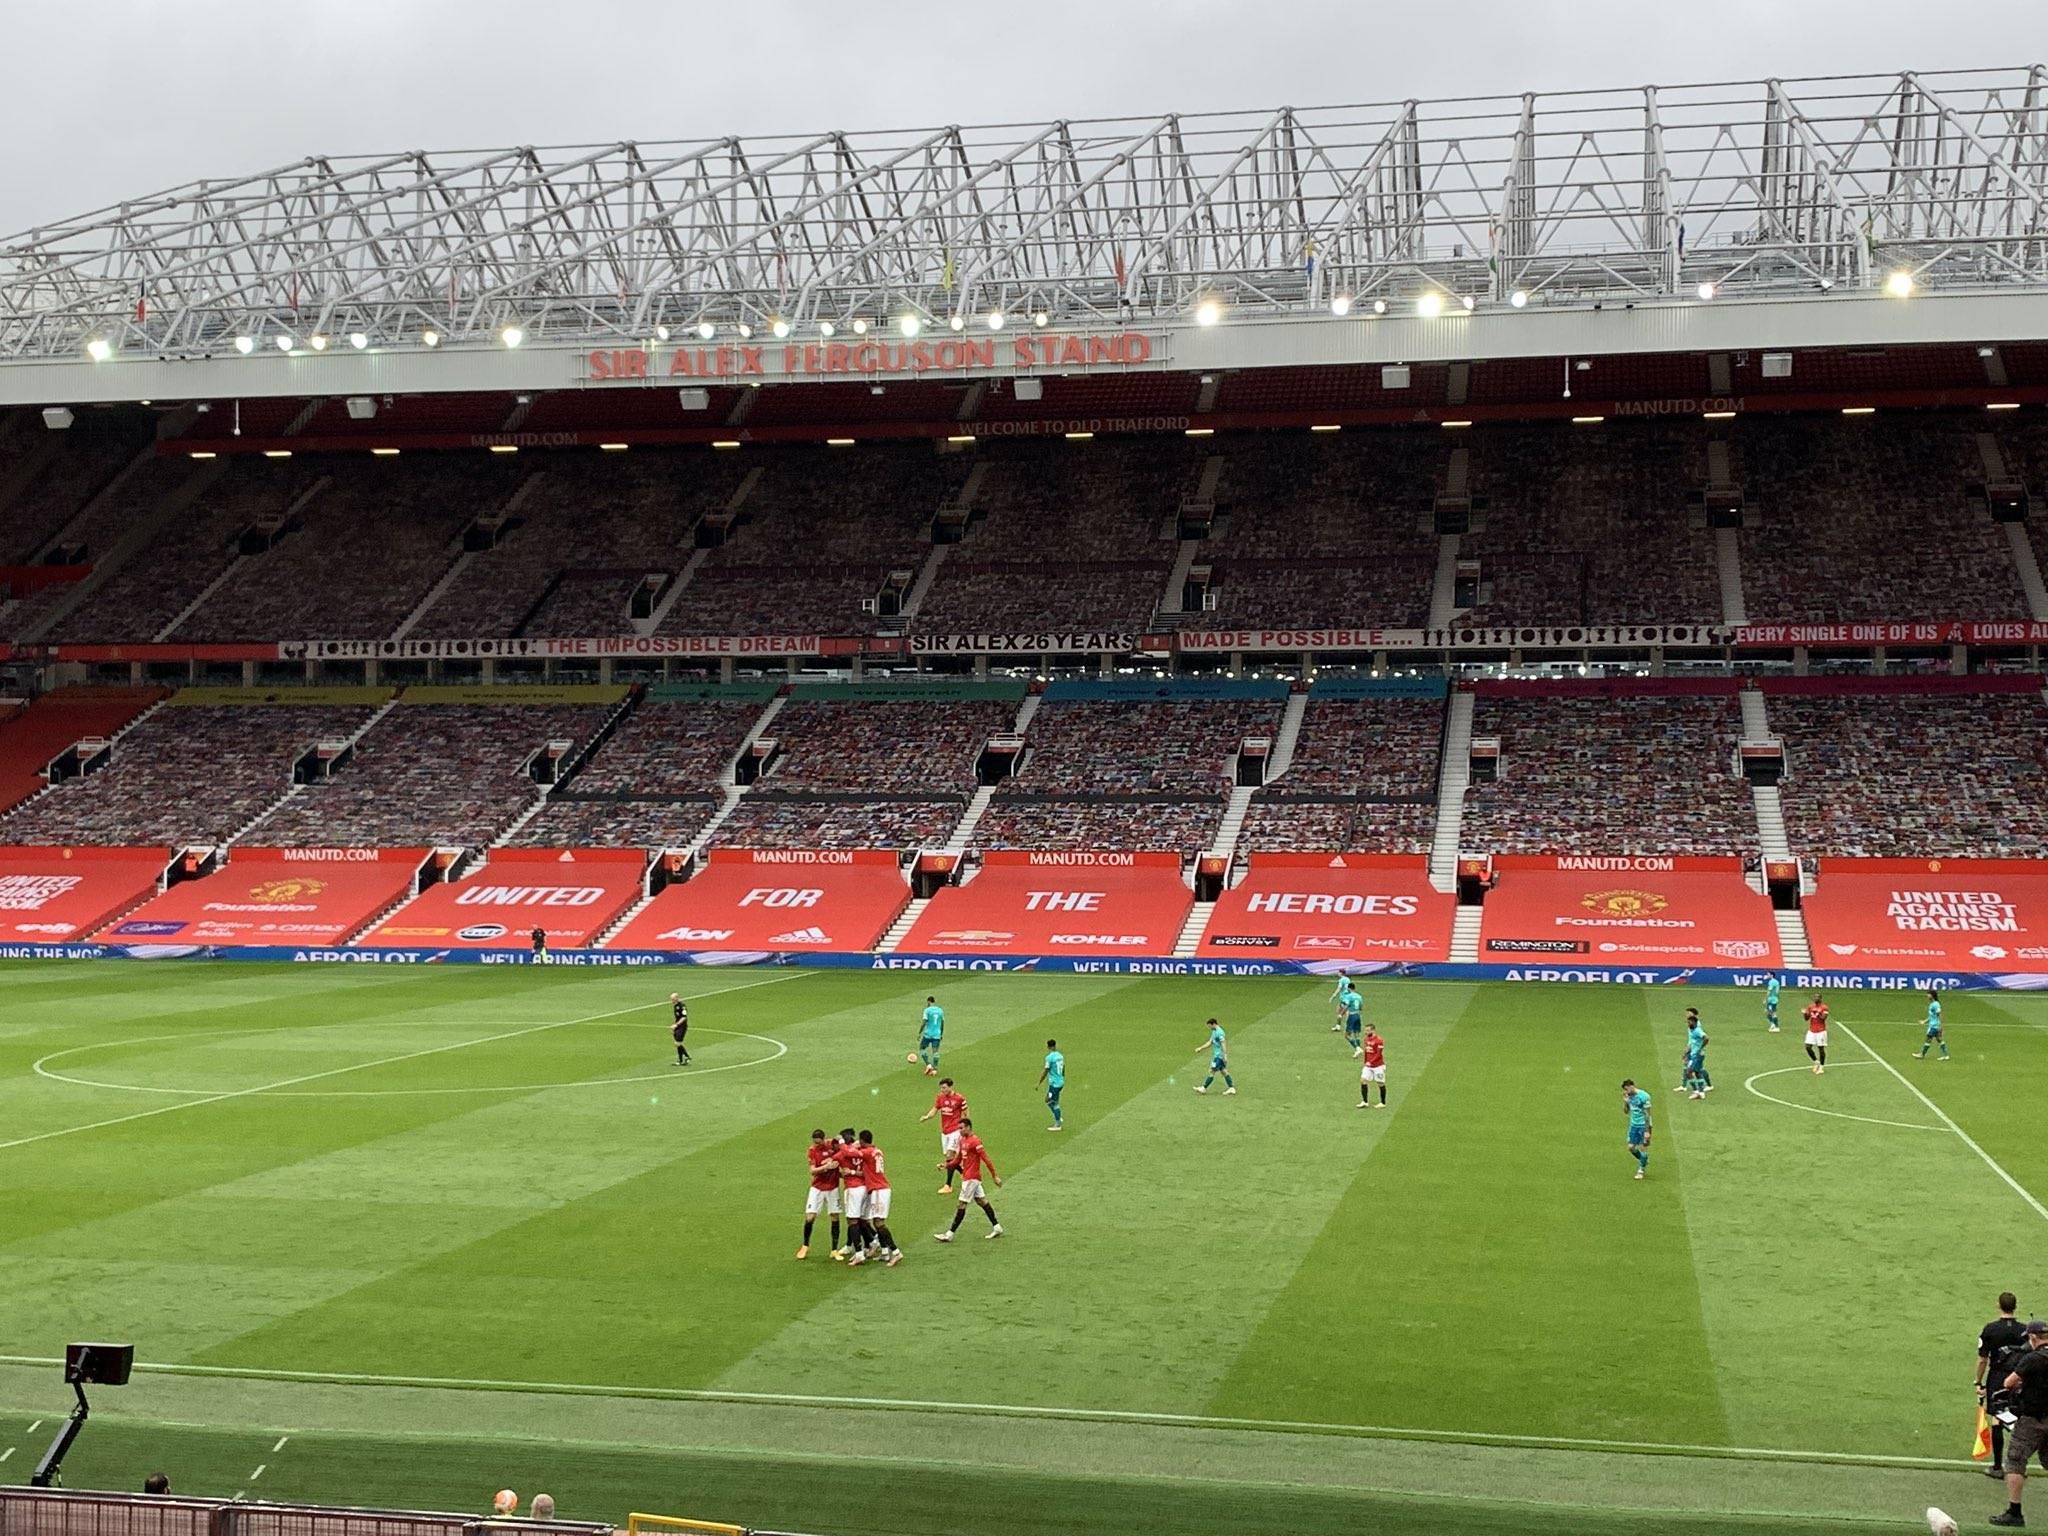 半场-拉什福德破门马夏尔世界波 曼联3-1伯恩茅斯